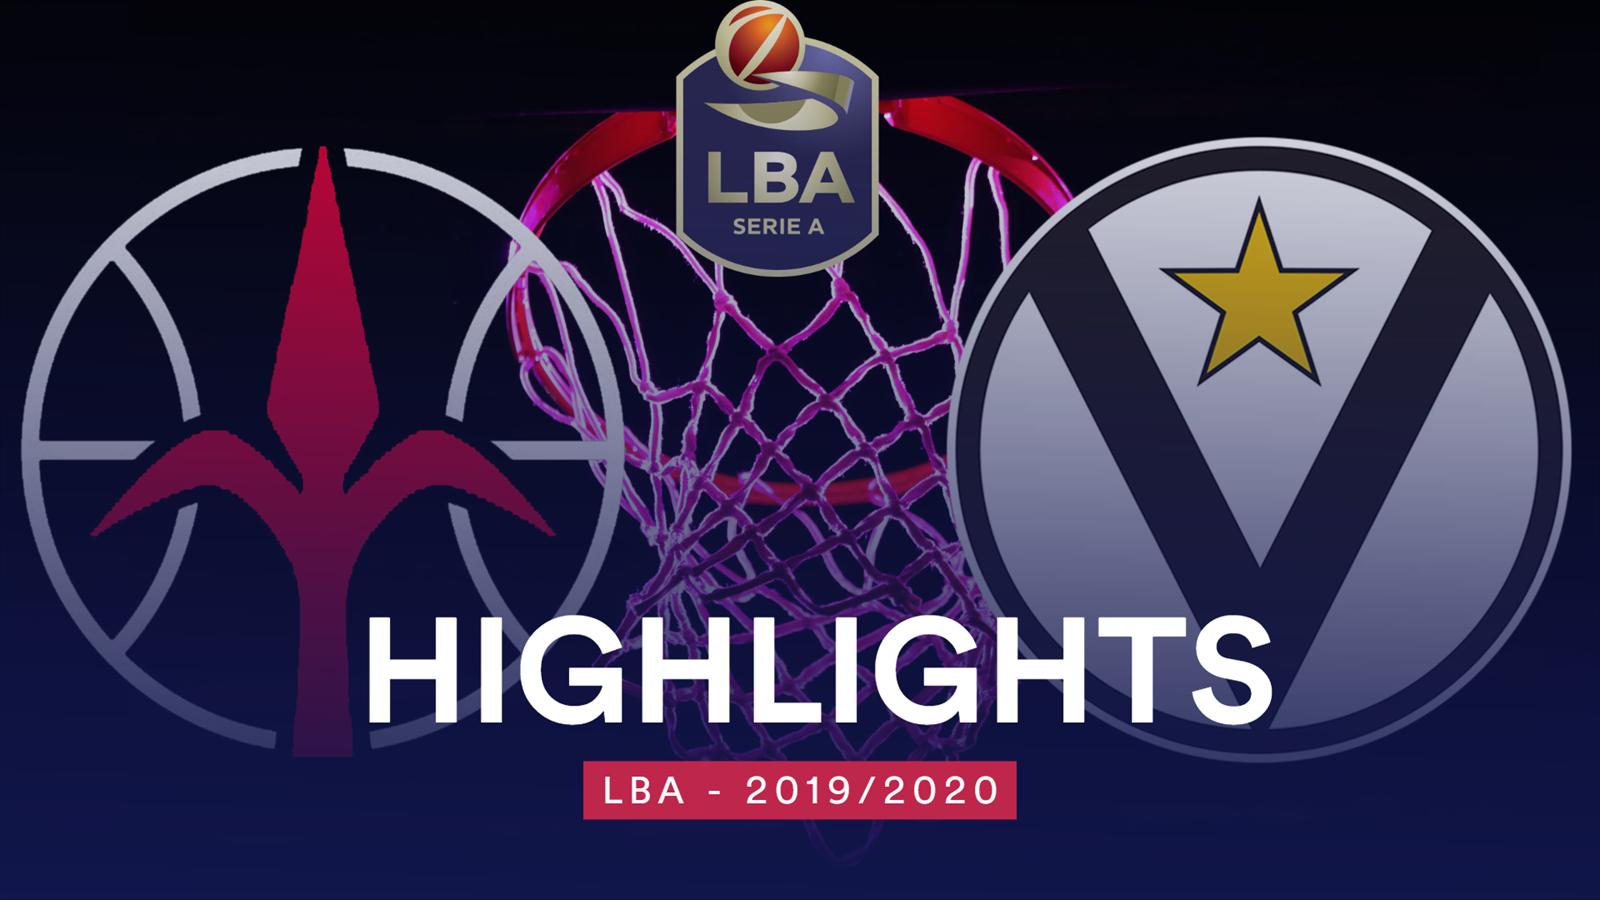 VIDEO - Highlights: Pallacanestro Trieste-Segafredo Virtus Bologna 85-89 d1ts - Eurosport.it